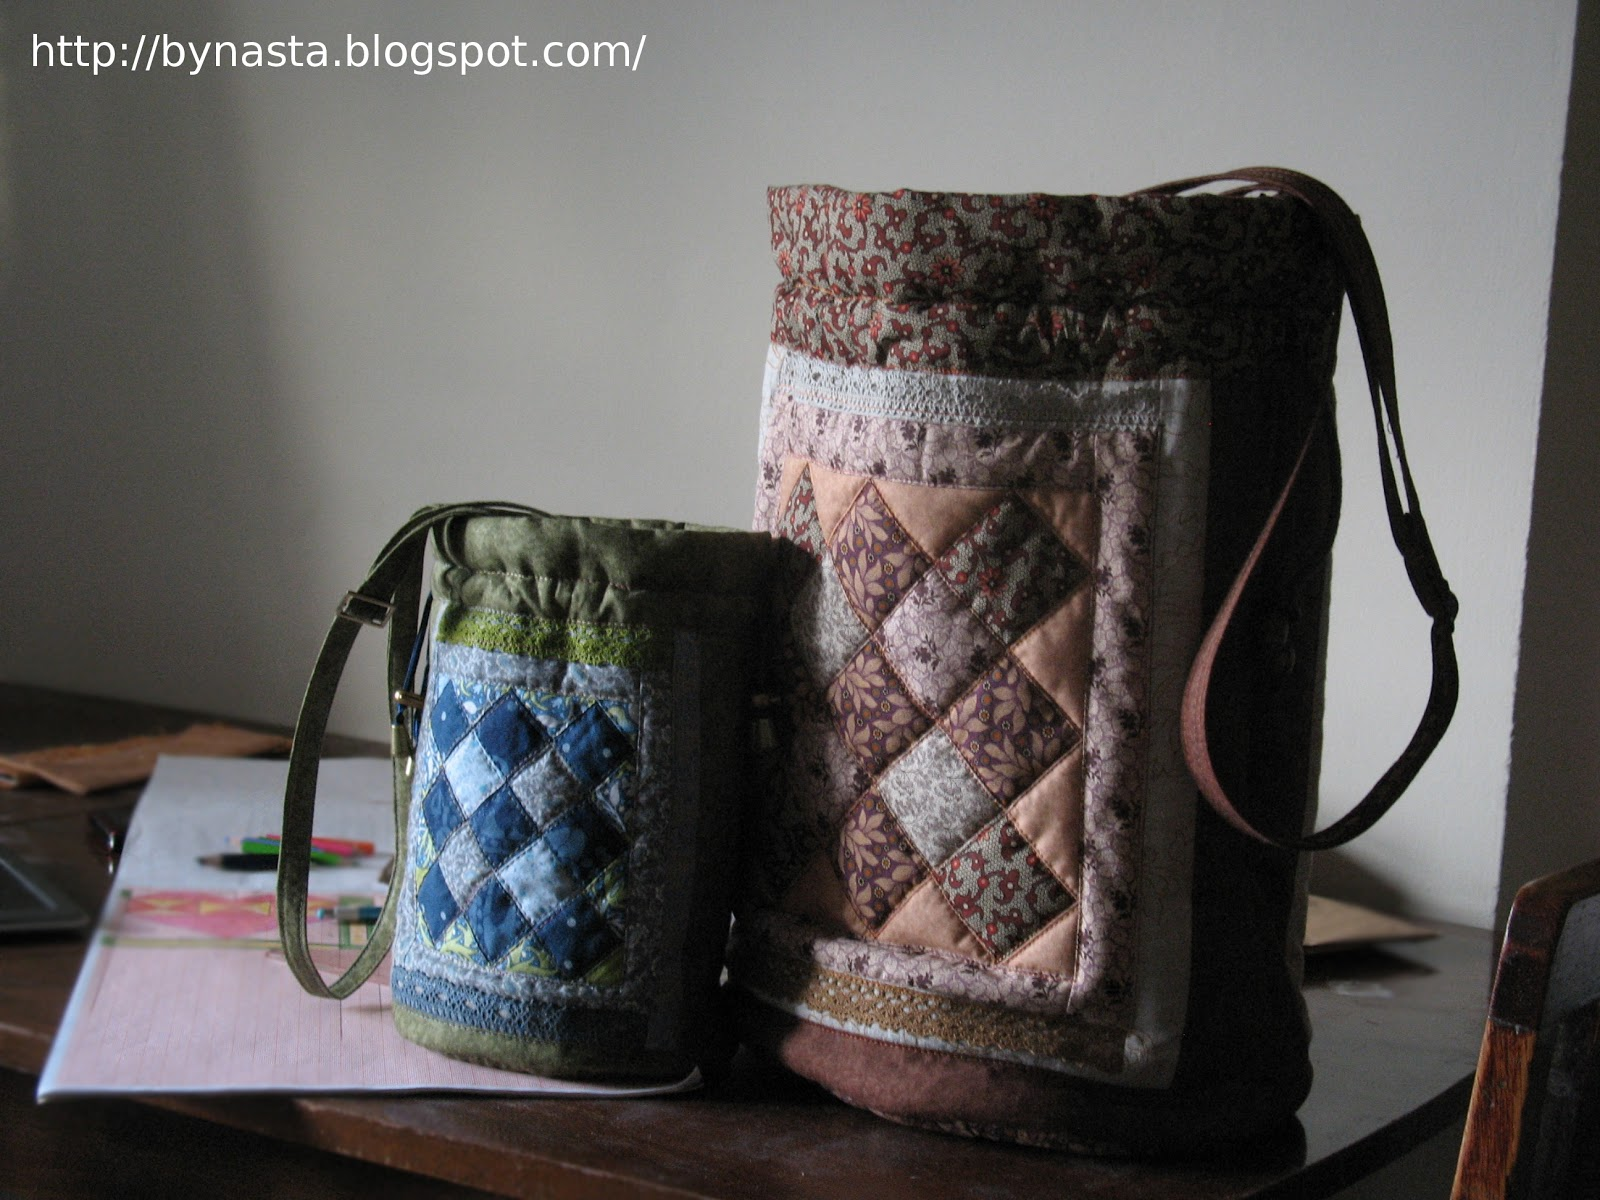 Мастер-класс сумок пэчворк - Пэчворк, лоскутное шитье, квилтинг для начинающих